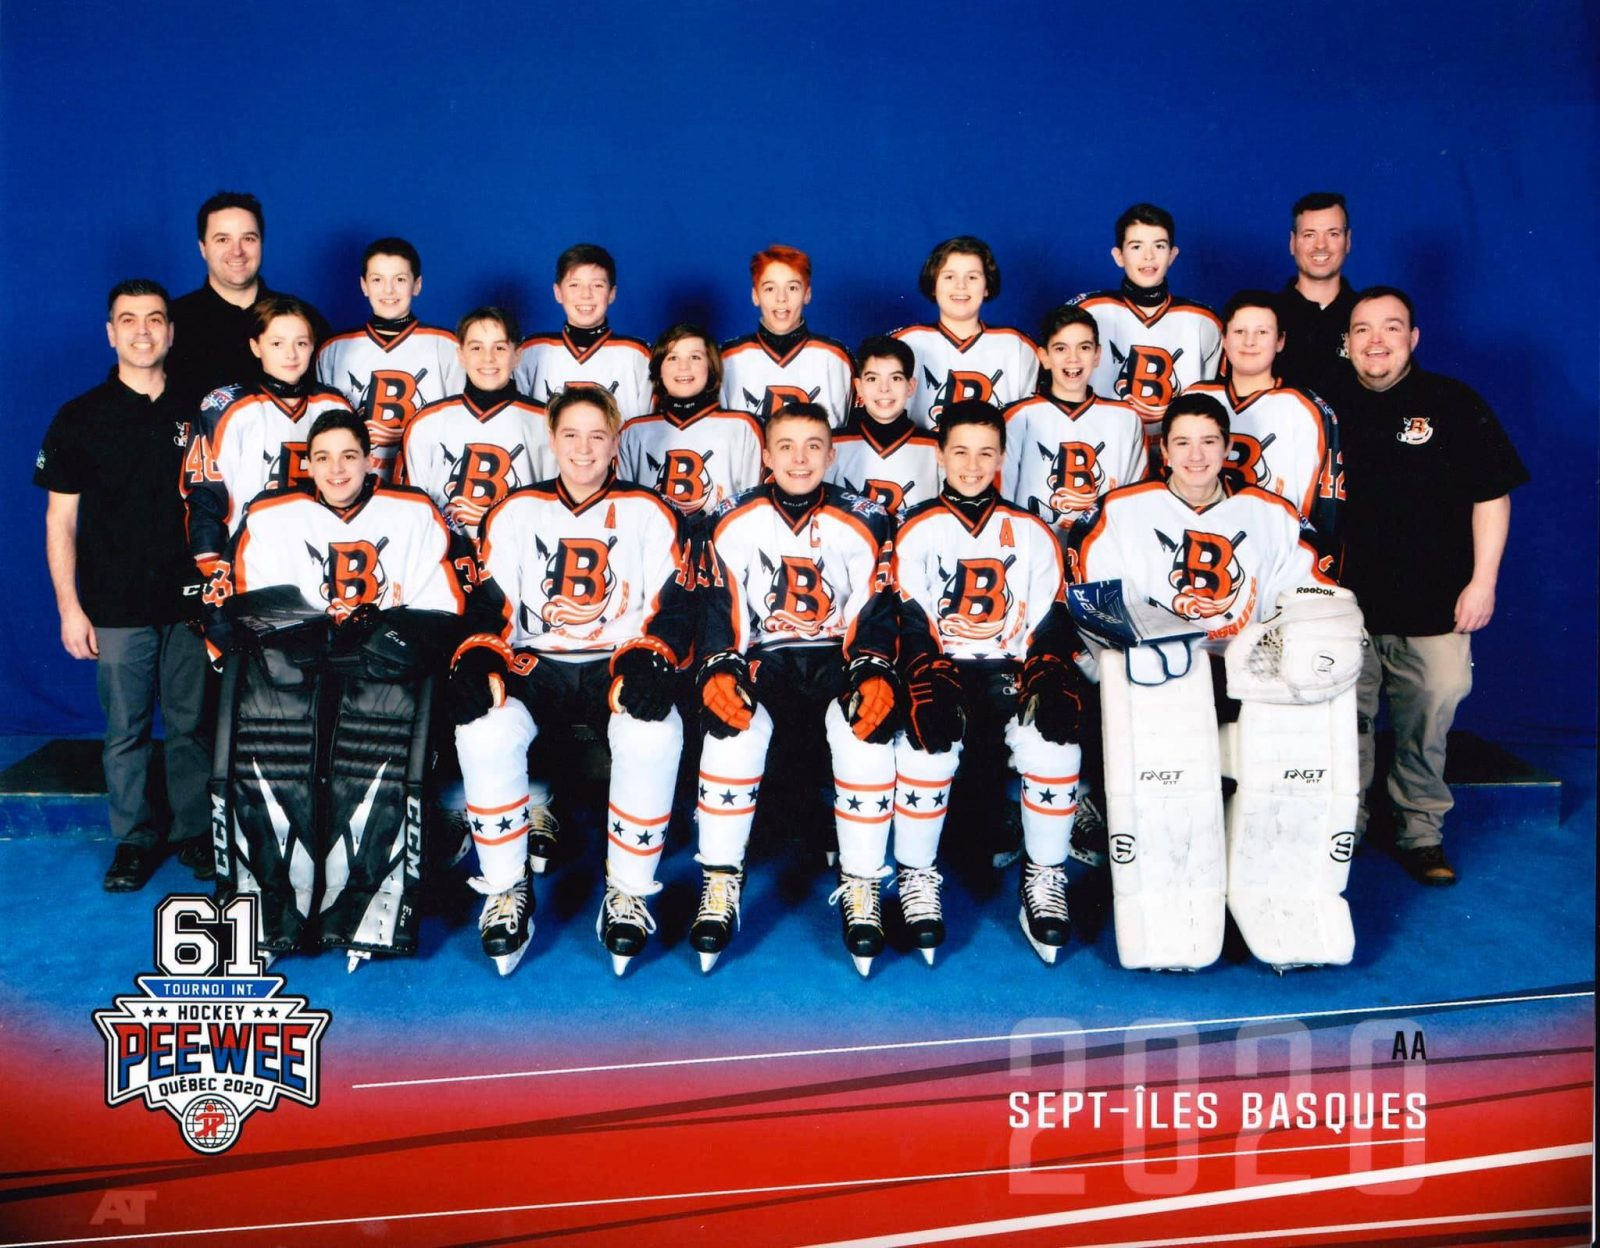 Les Basques garderont de précieux souvenirs de leur participation au Tournoi international de hockey pee-wee de Québec